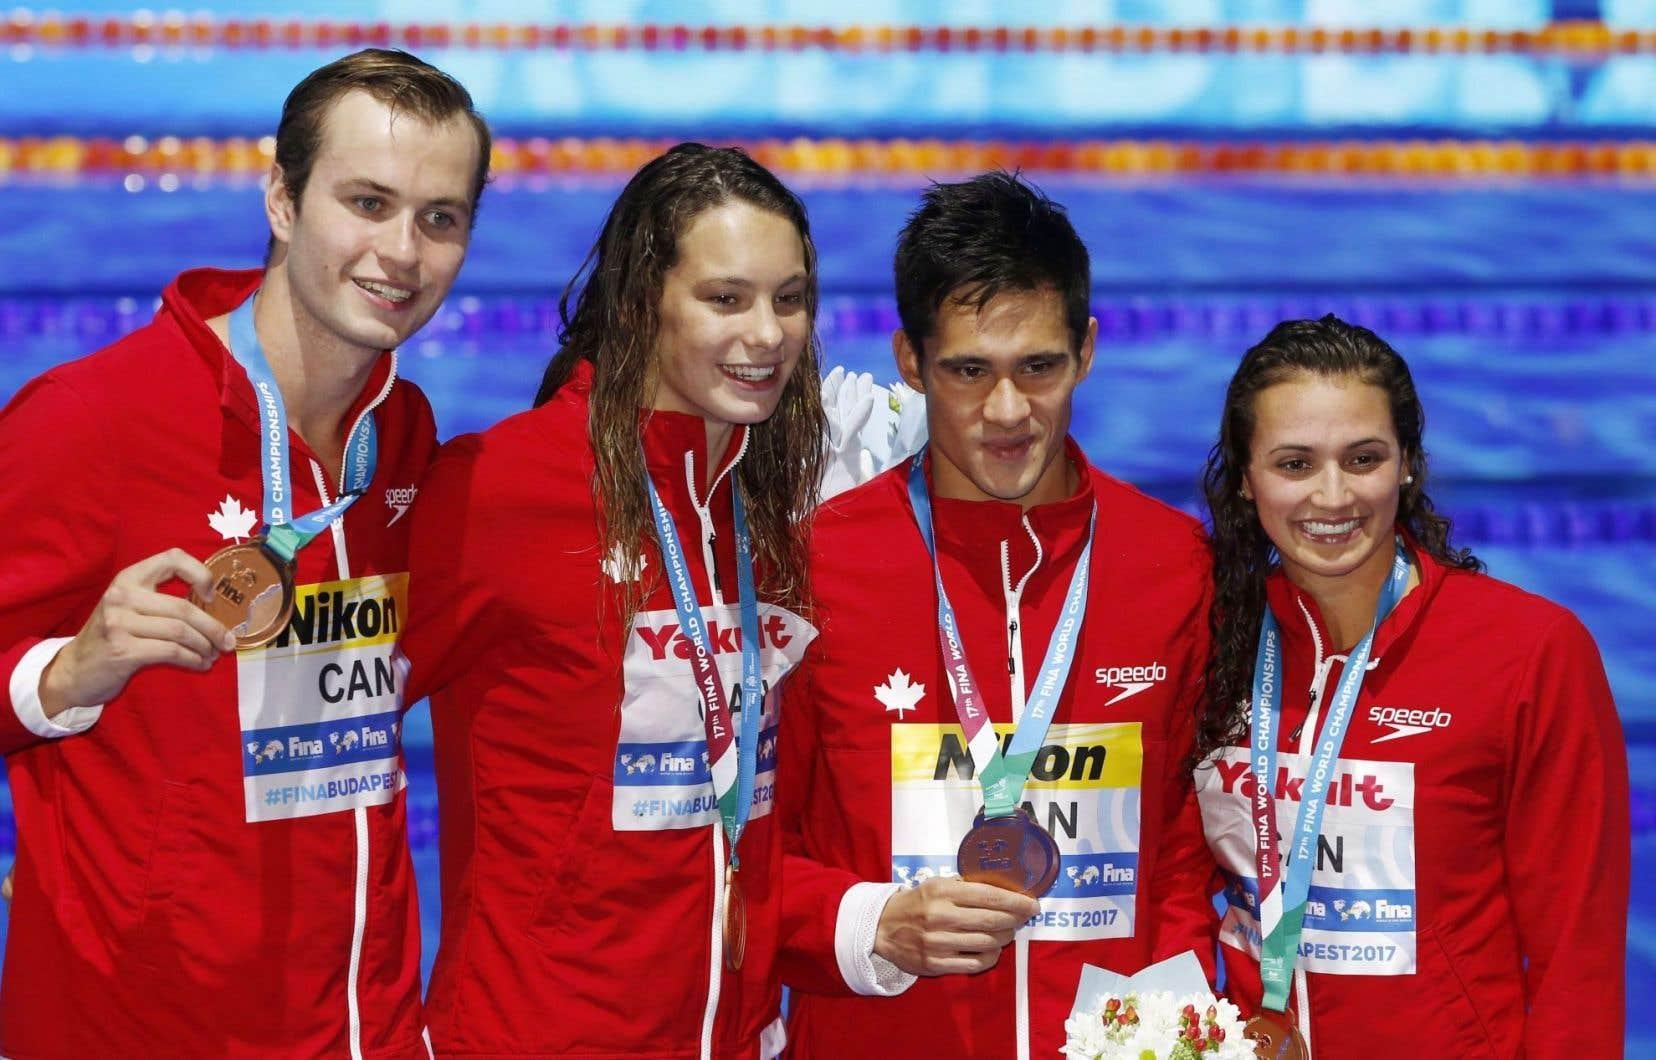 Yuri Kisil, Penny Oleksiak, Richard Funk et Kylie Jacqueline Masse lors de la remise de leur médaille